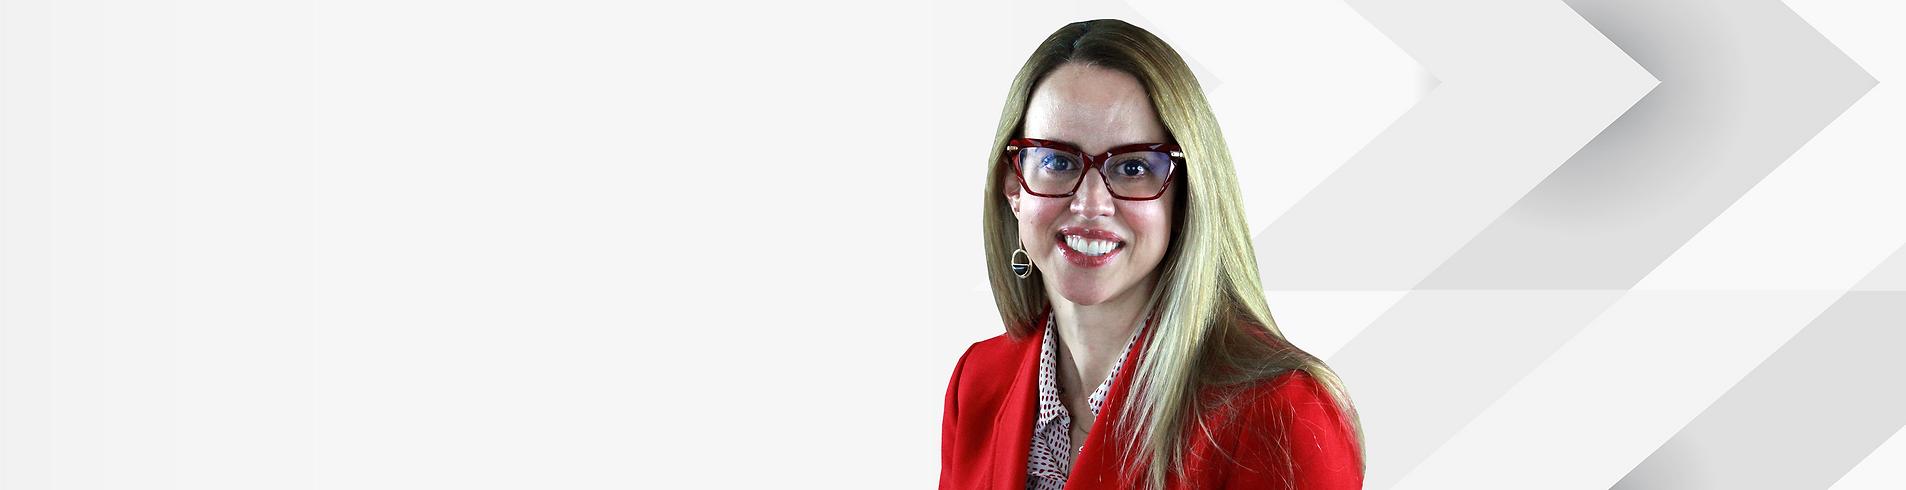 Elizabeth Cordello, Labor & Employment Attorney in Rochester New York | Law Offices of Pullano & Farrow PLLC